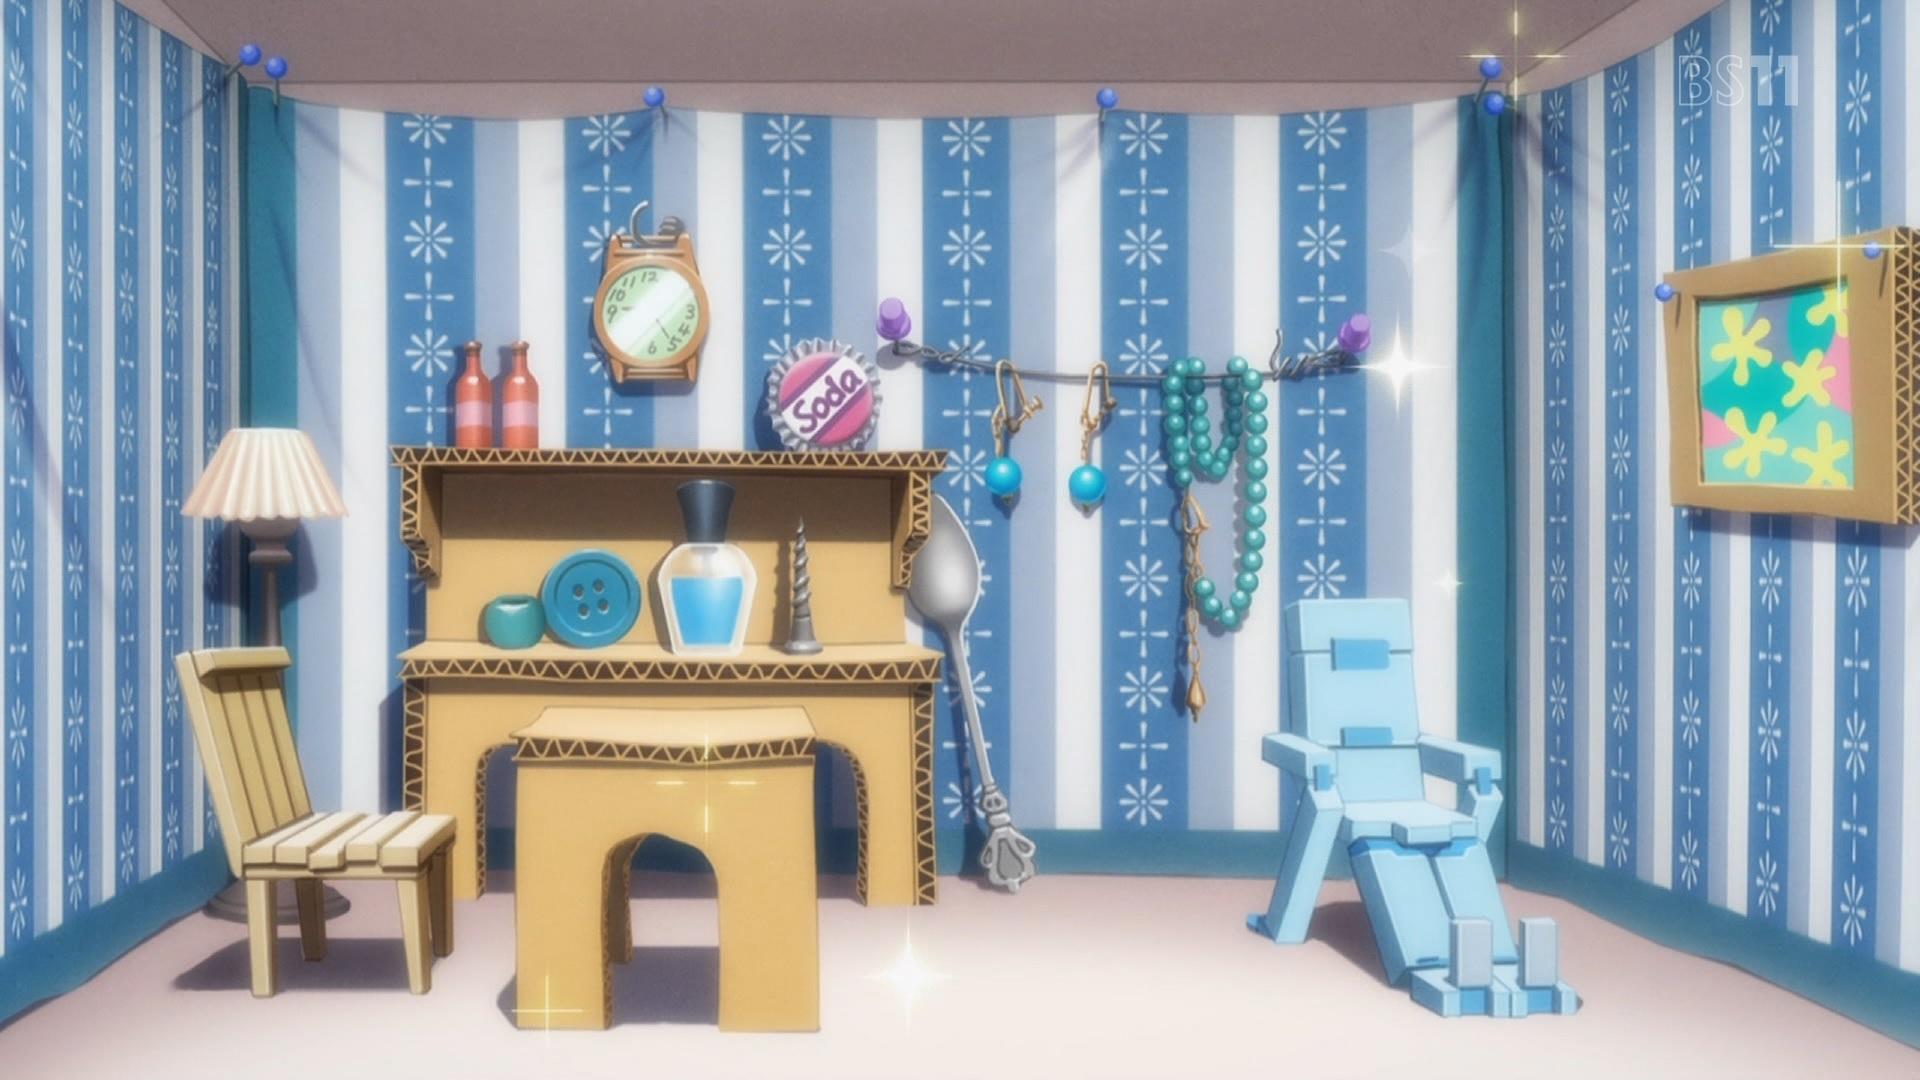 スティレットの部屋(フレームアームズ・ガール第4話画像)